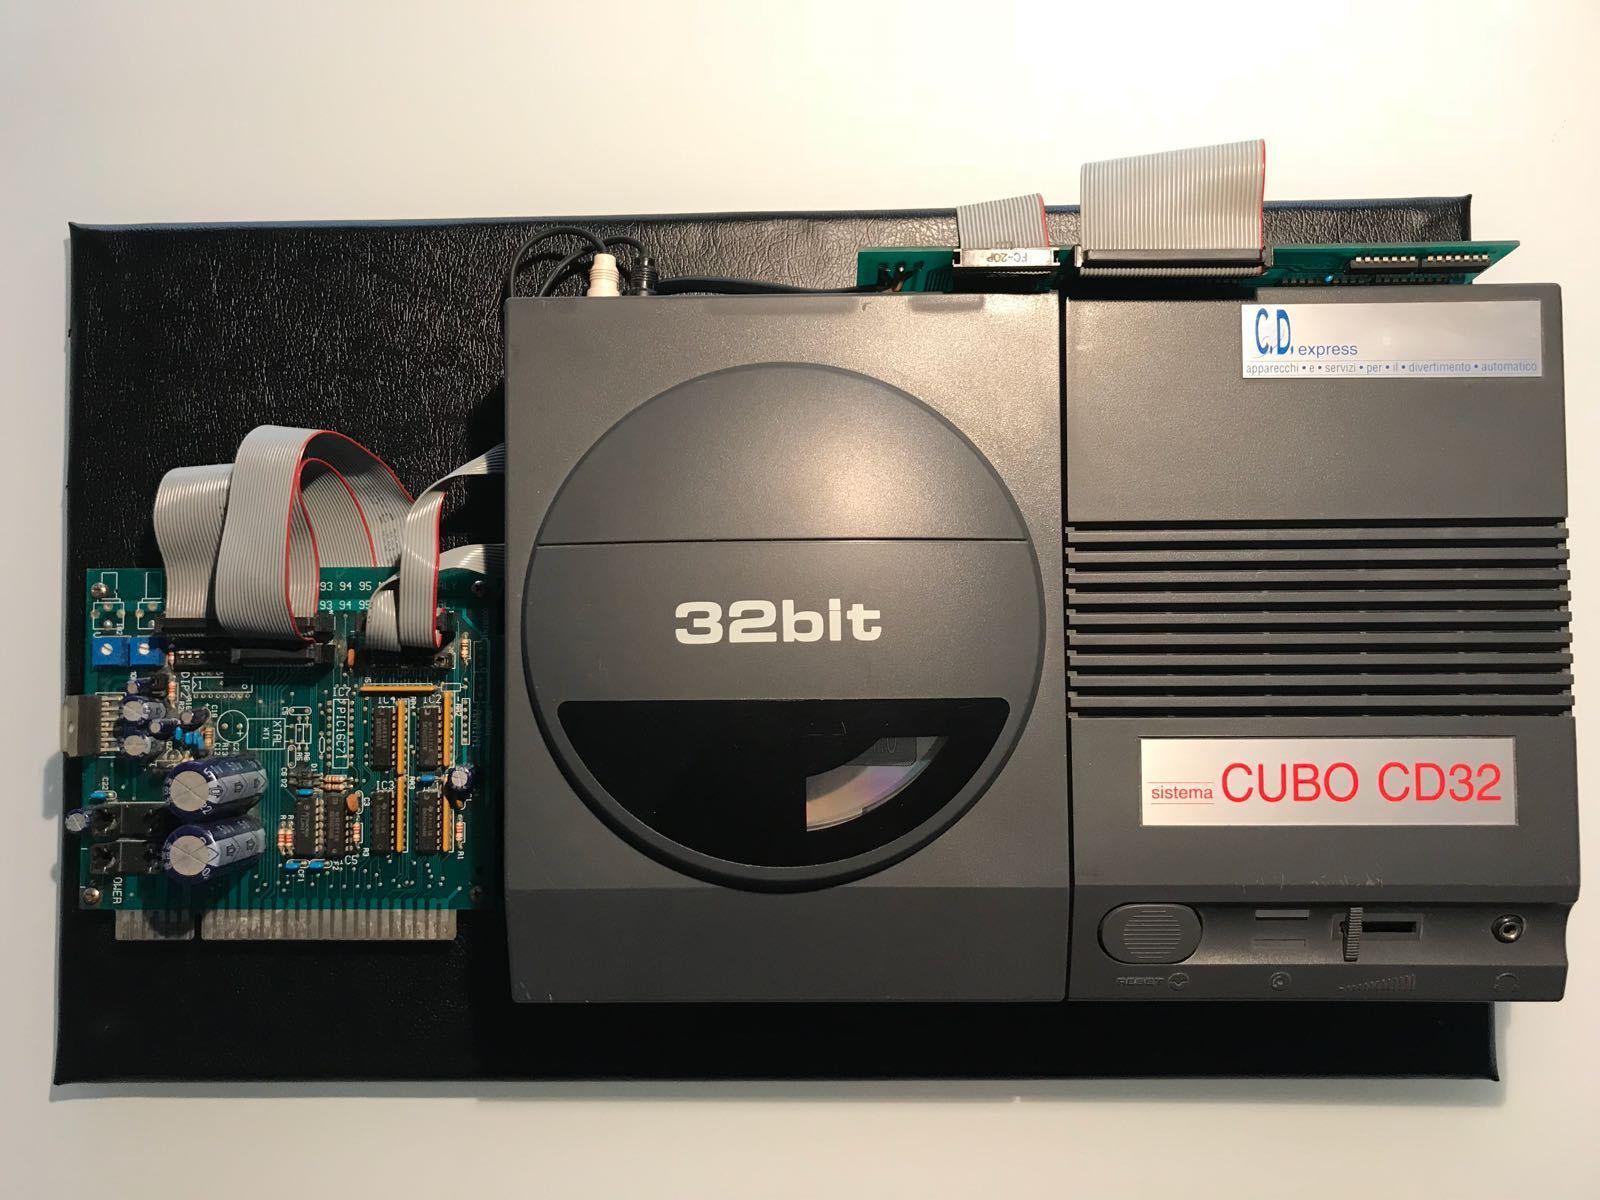 Cubo CD32